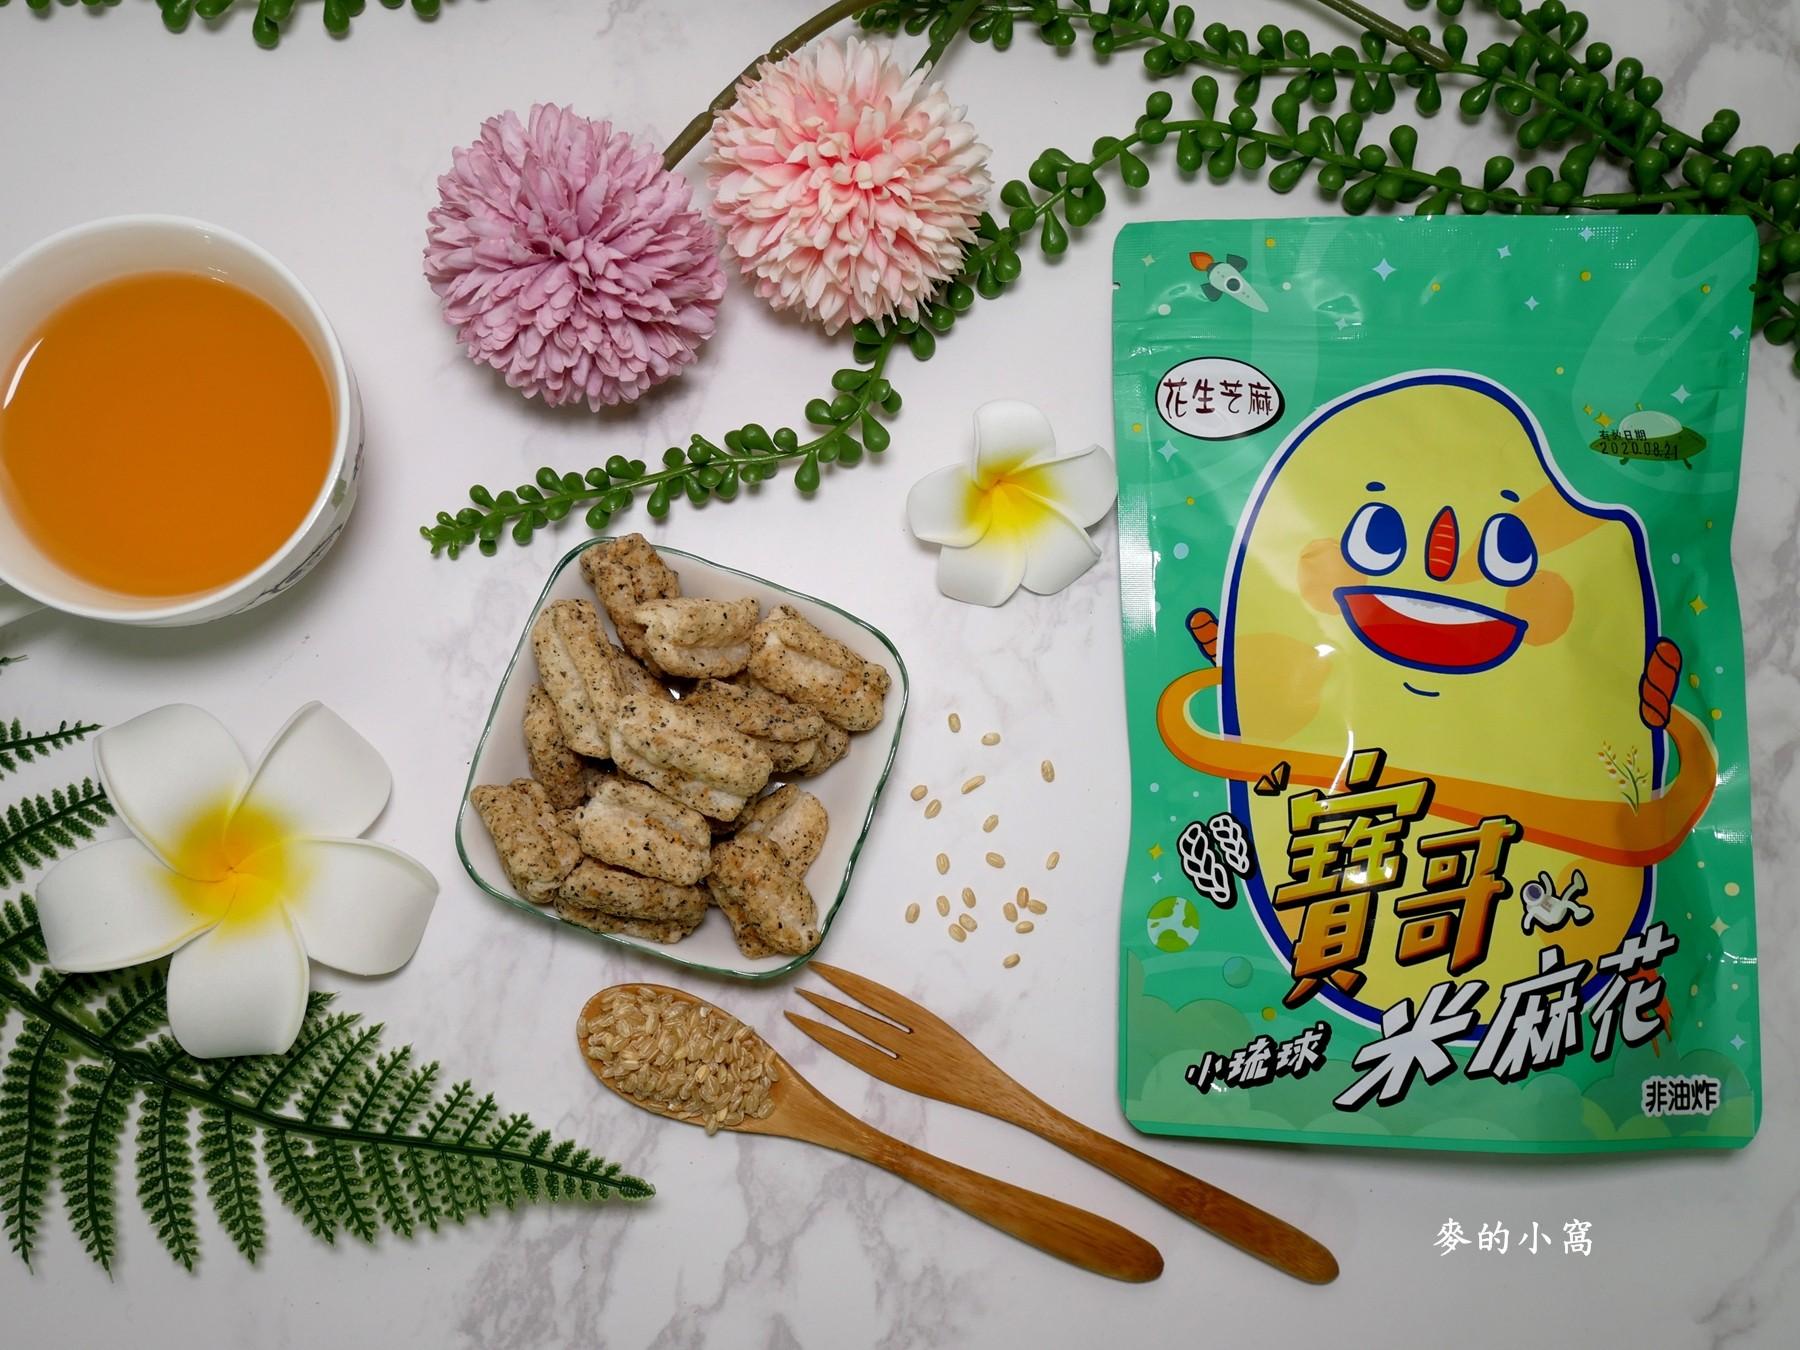 小琉球獨家首創~低溫烘焙米麻花-花生芝麻(全素)